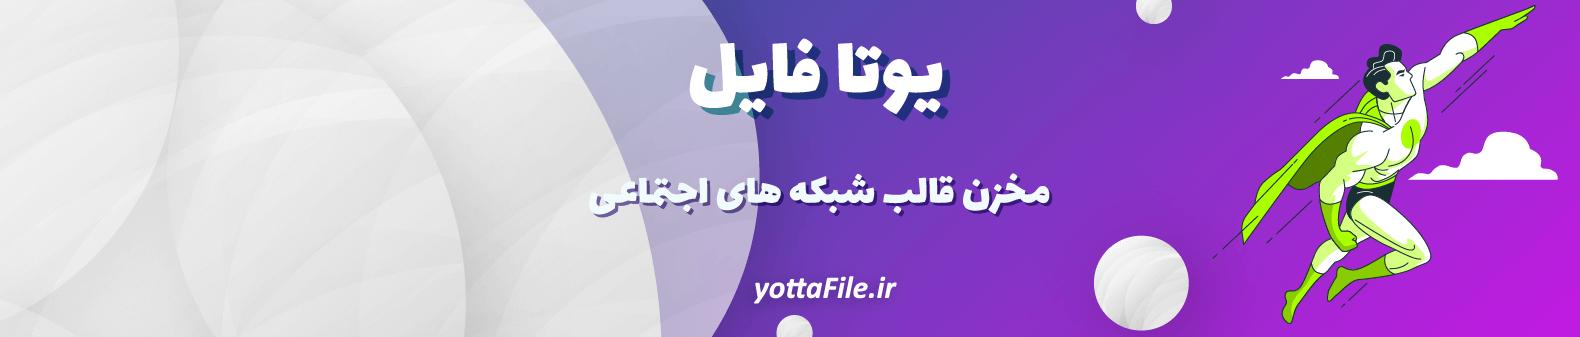 یوتافایل مرجع دانلود فایل ، سرویس خرید و فروش فایل و محصولات دیجیتال | مخزن دانلود قالب پست و استوری اینستاگرام